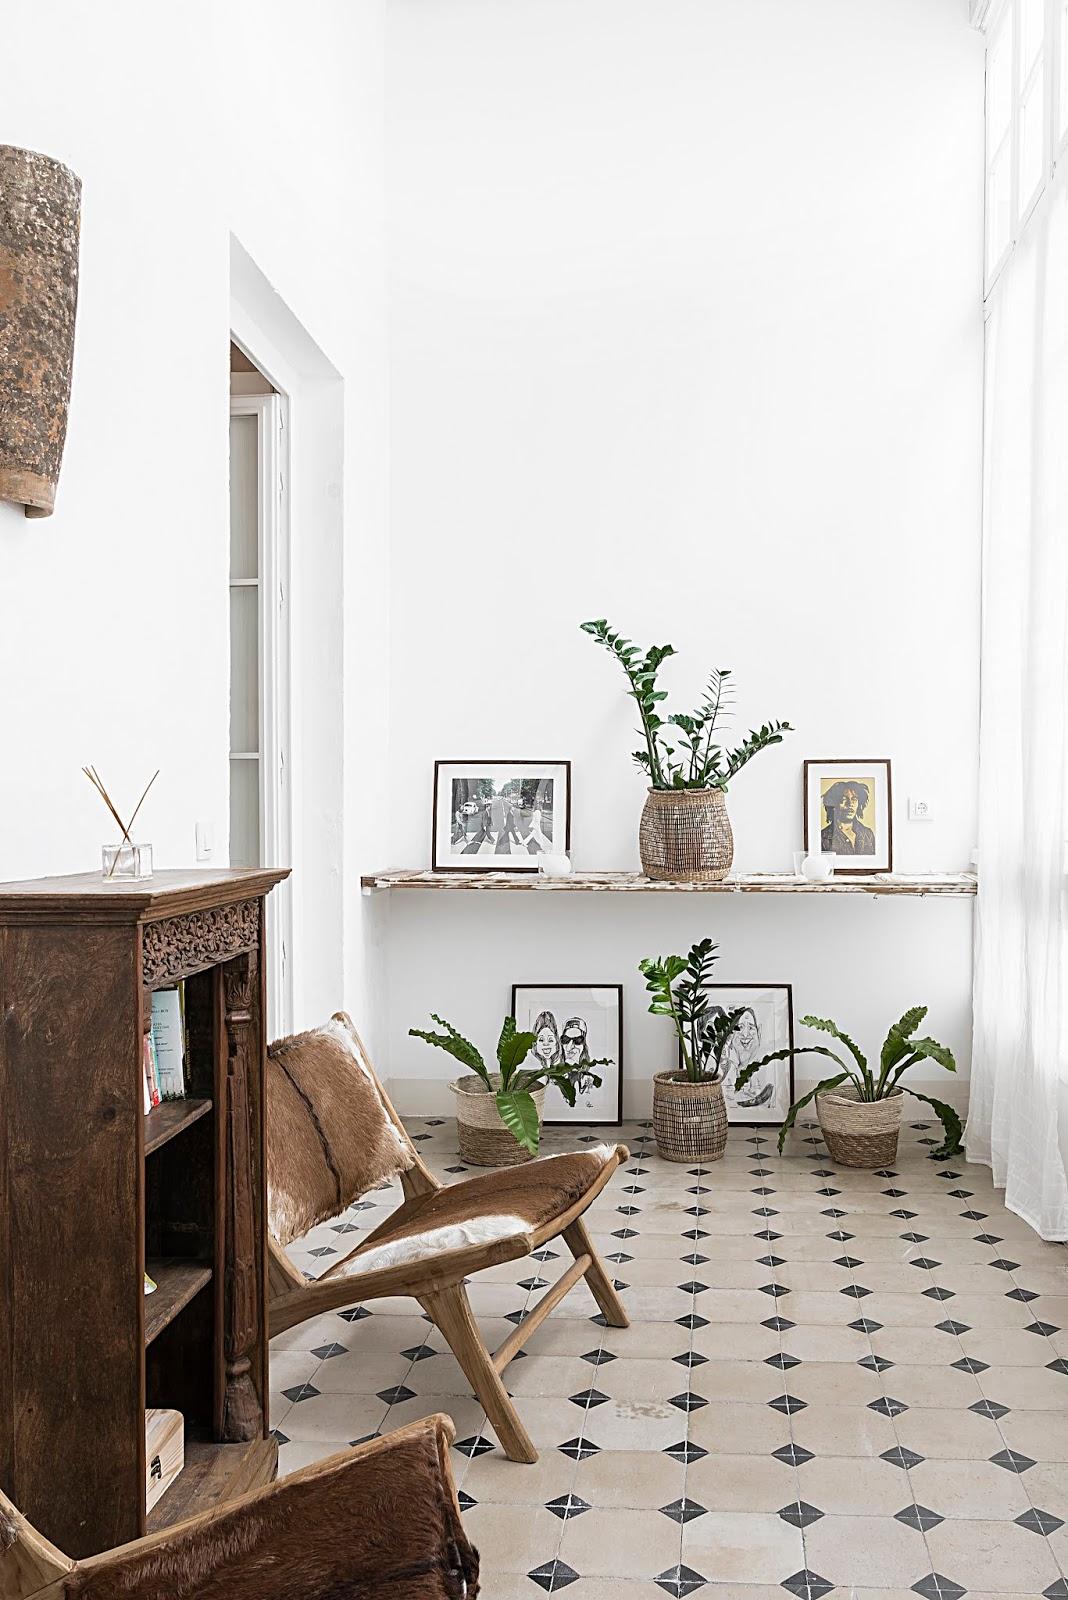 Entrada y pasillos con decoración en blanco y madera en un apartamento en el centro de Cádiz